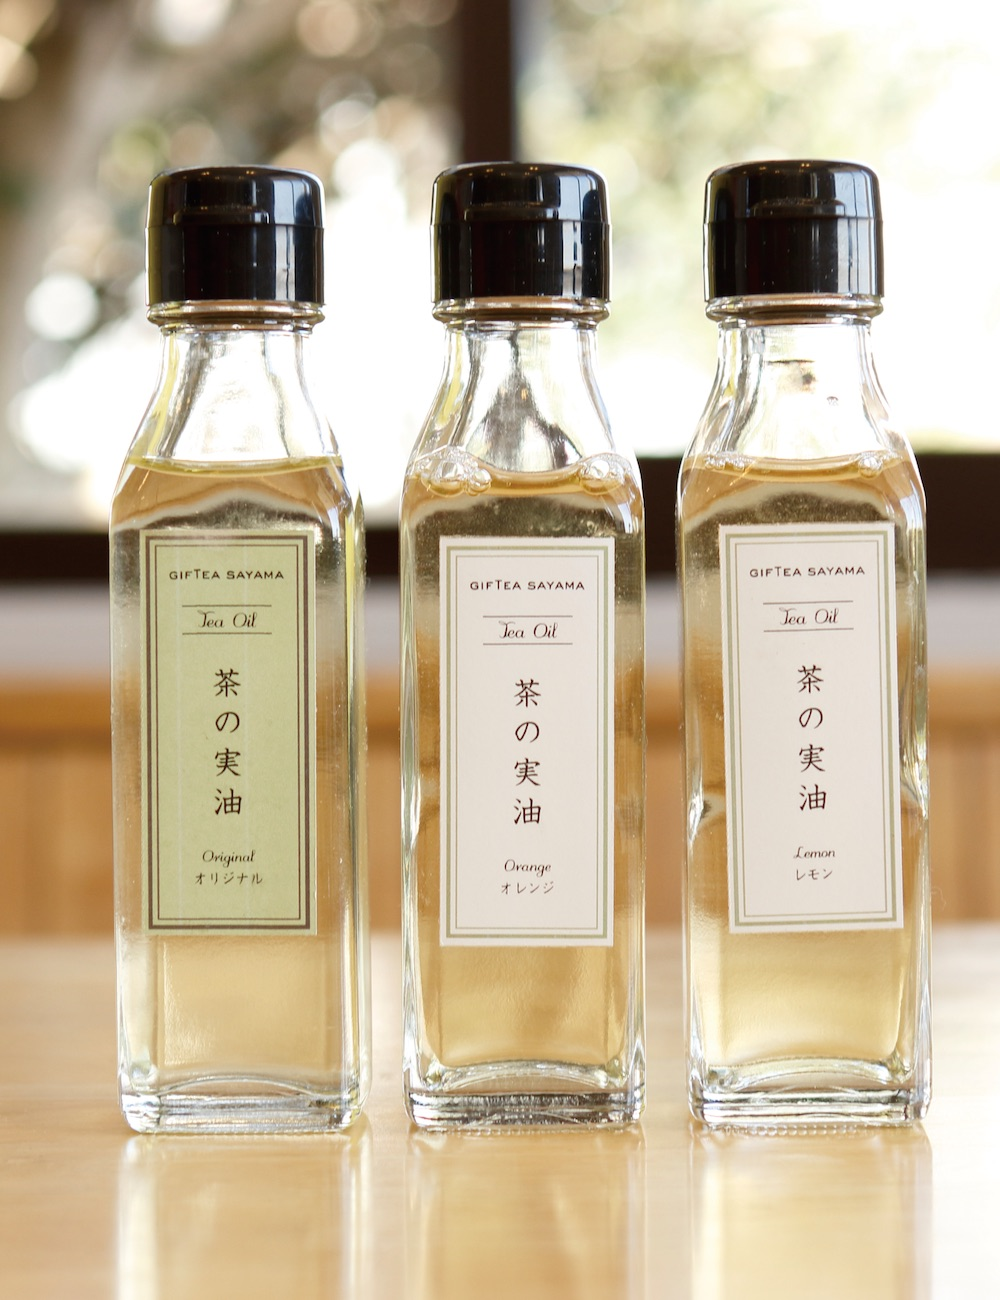 น้ำมันชาซึ่งได้จากผลชานั้นนำมาใช้บำรุงผิวพรรณได้